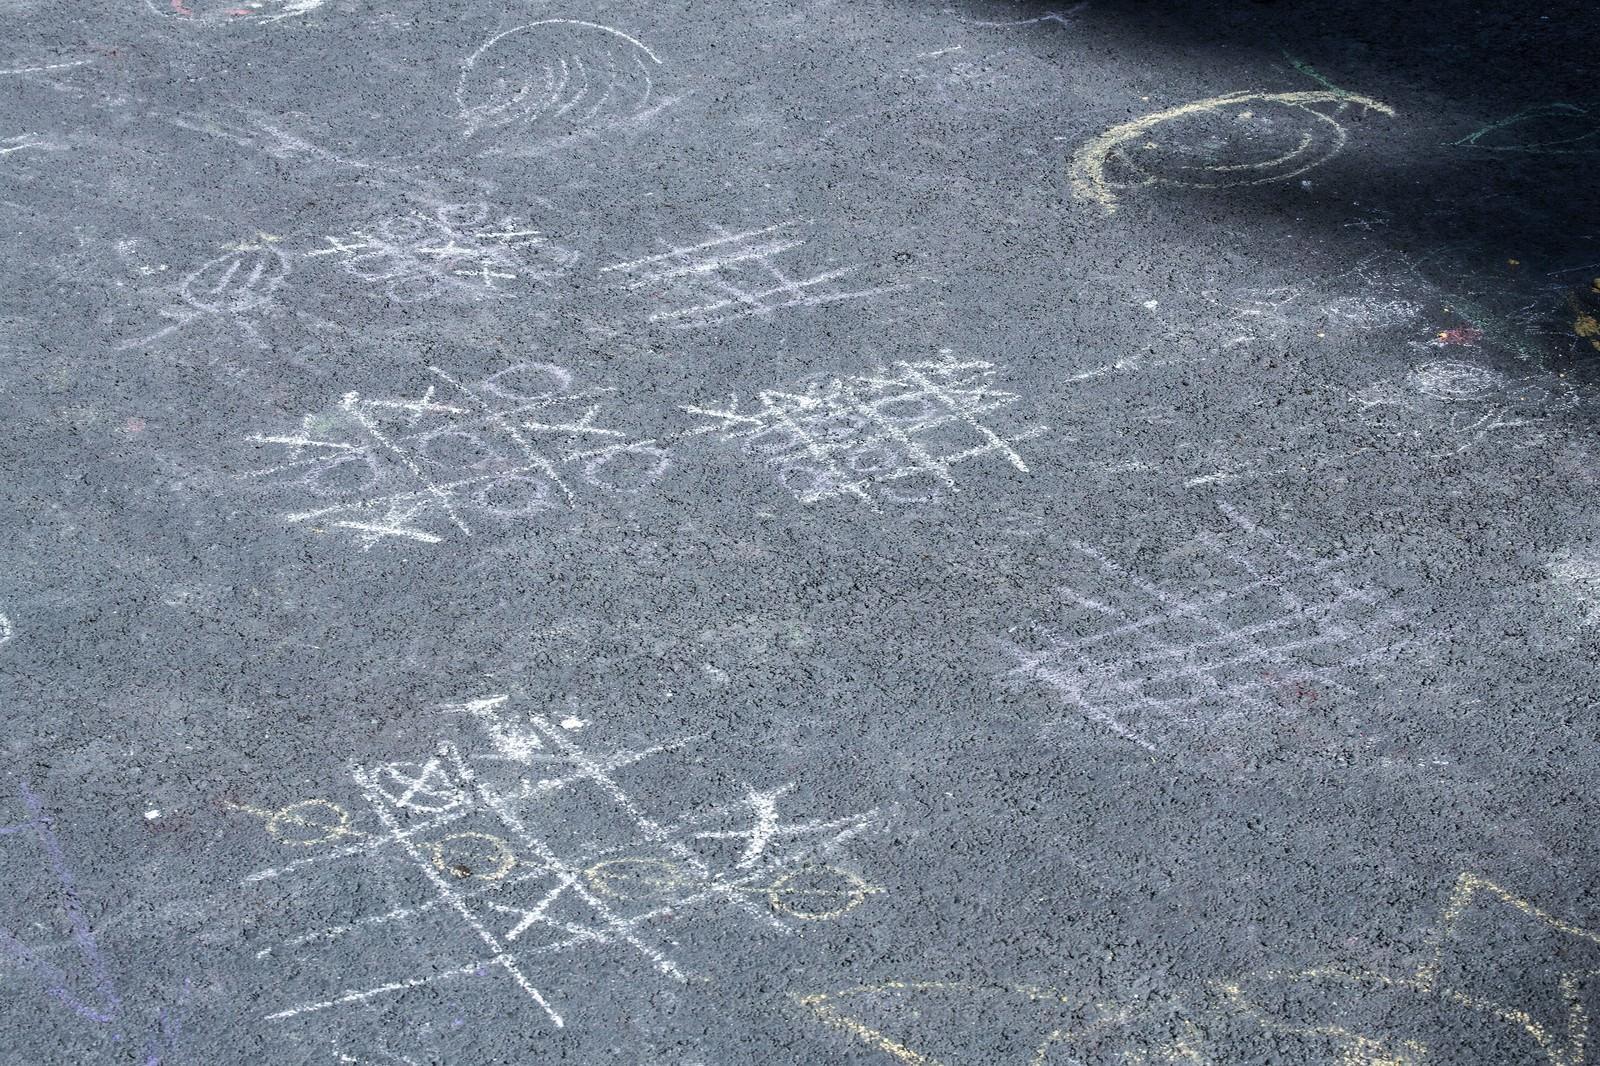 「道路に描かれたマルバツゲーム」の写真